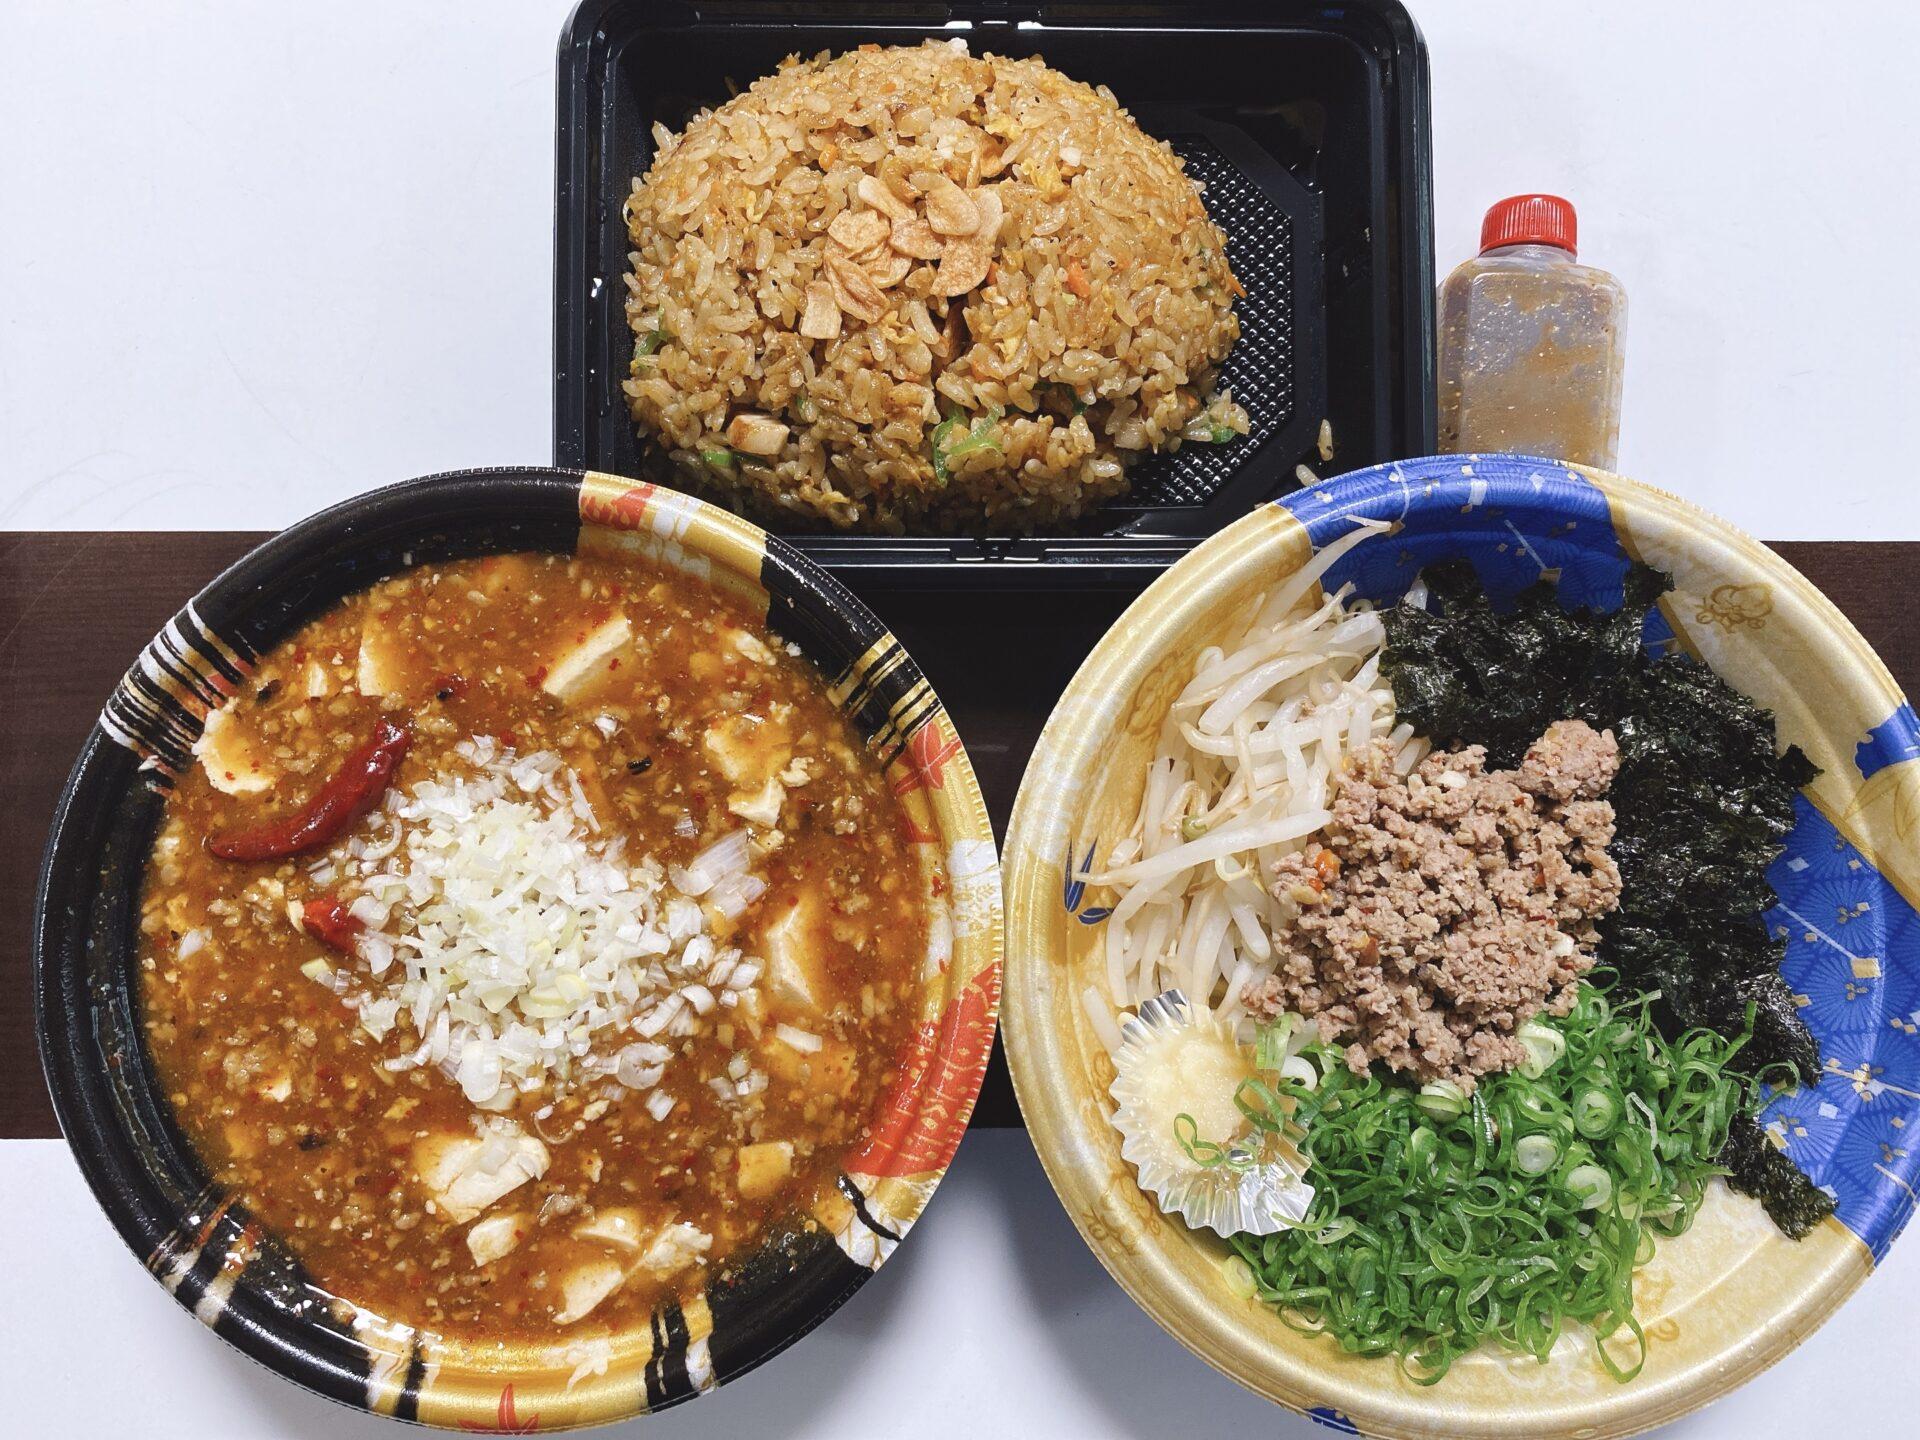 【岡山市中区のテイクアウト】台湾料理 あじ仙 平井店 麺類・飯類・点心等から四川風麻婆豆腐やまぜそばを予約して持ち帰り